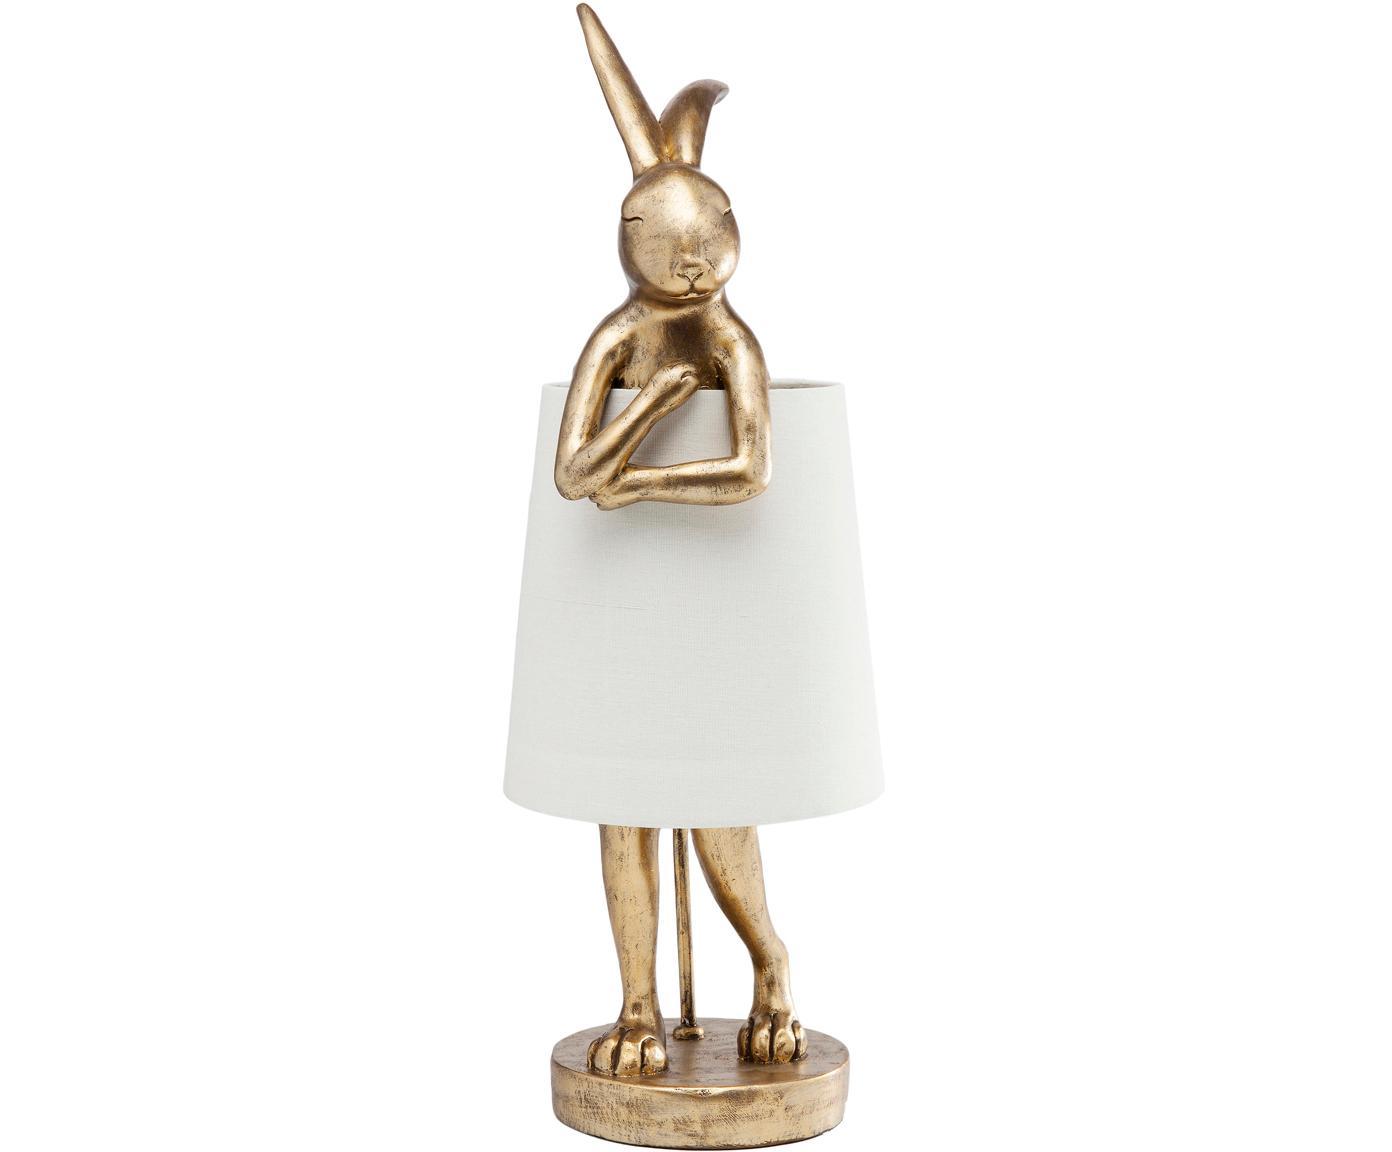 Design-Tischleuchte Rabbit, Lampenschirm: Leinen, Gestell: Polyresin, Stange: Stahl, pulverbeschichtet, Weiß, Goldfarben, Ø 23 x H 68 cm